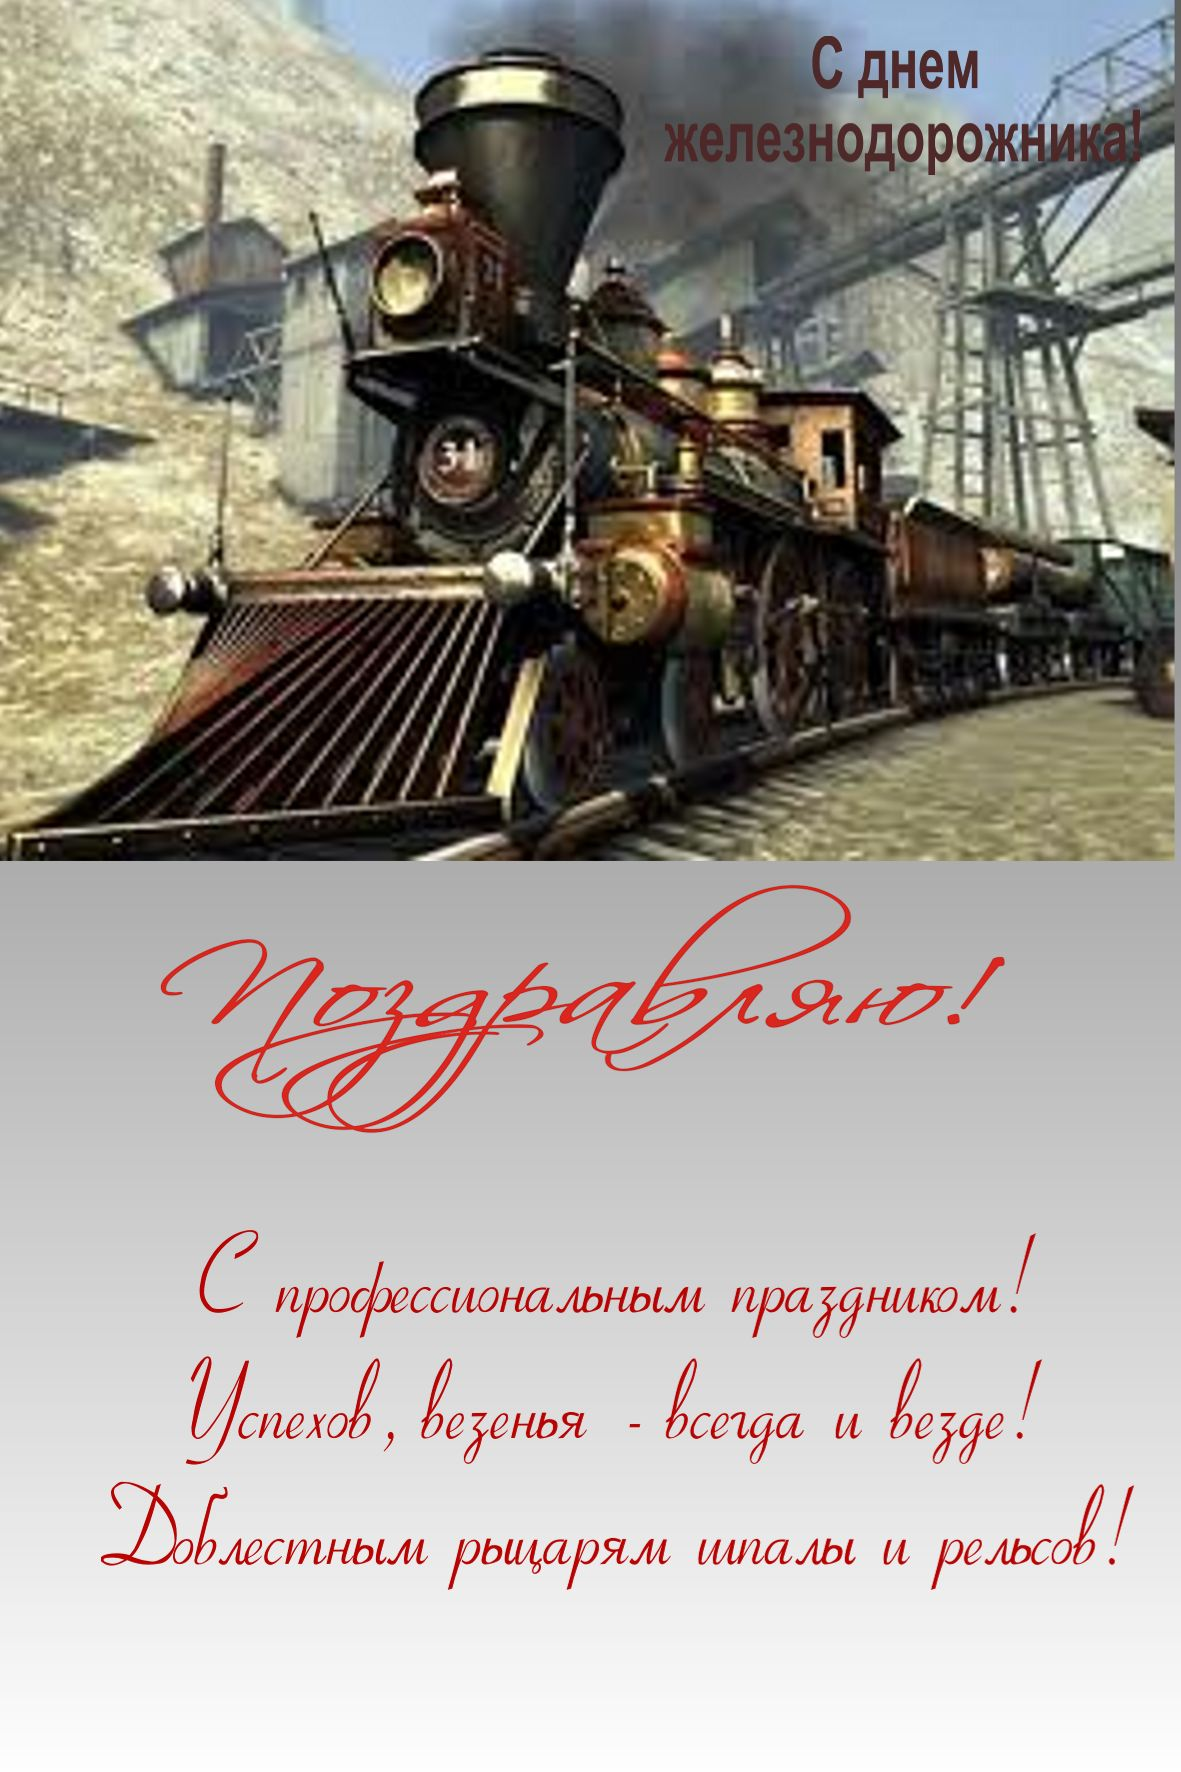 Праздник работников железнодорожного транспорта!